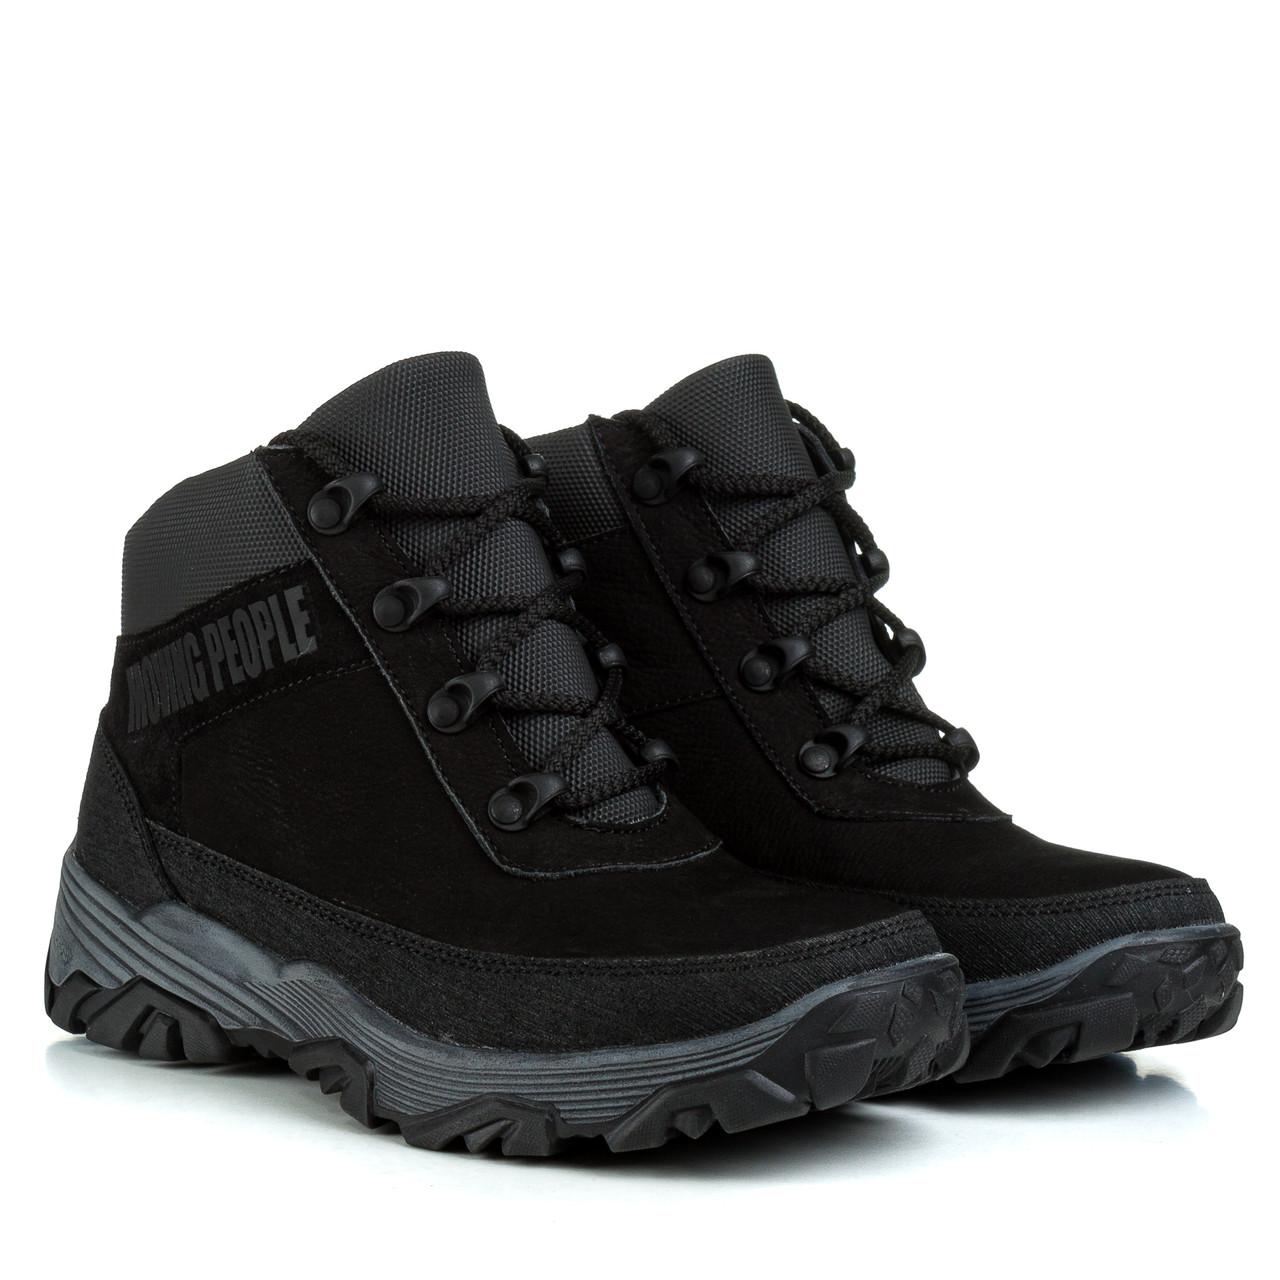 Ботинки мужские ZUMER (стильные, качественные, зимние, удобные)